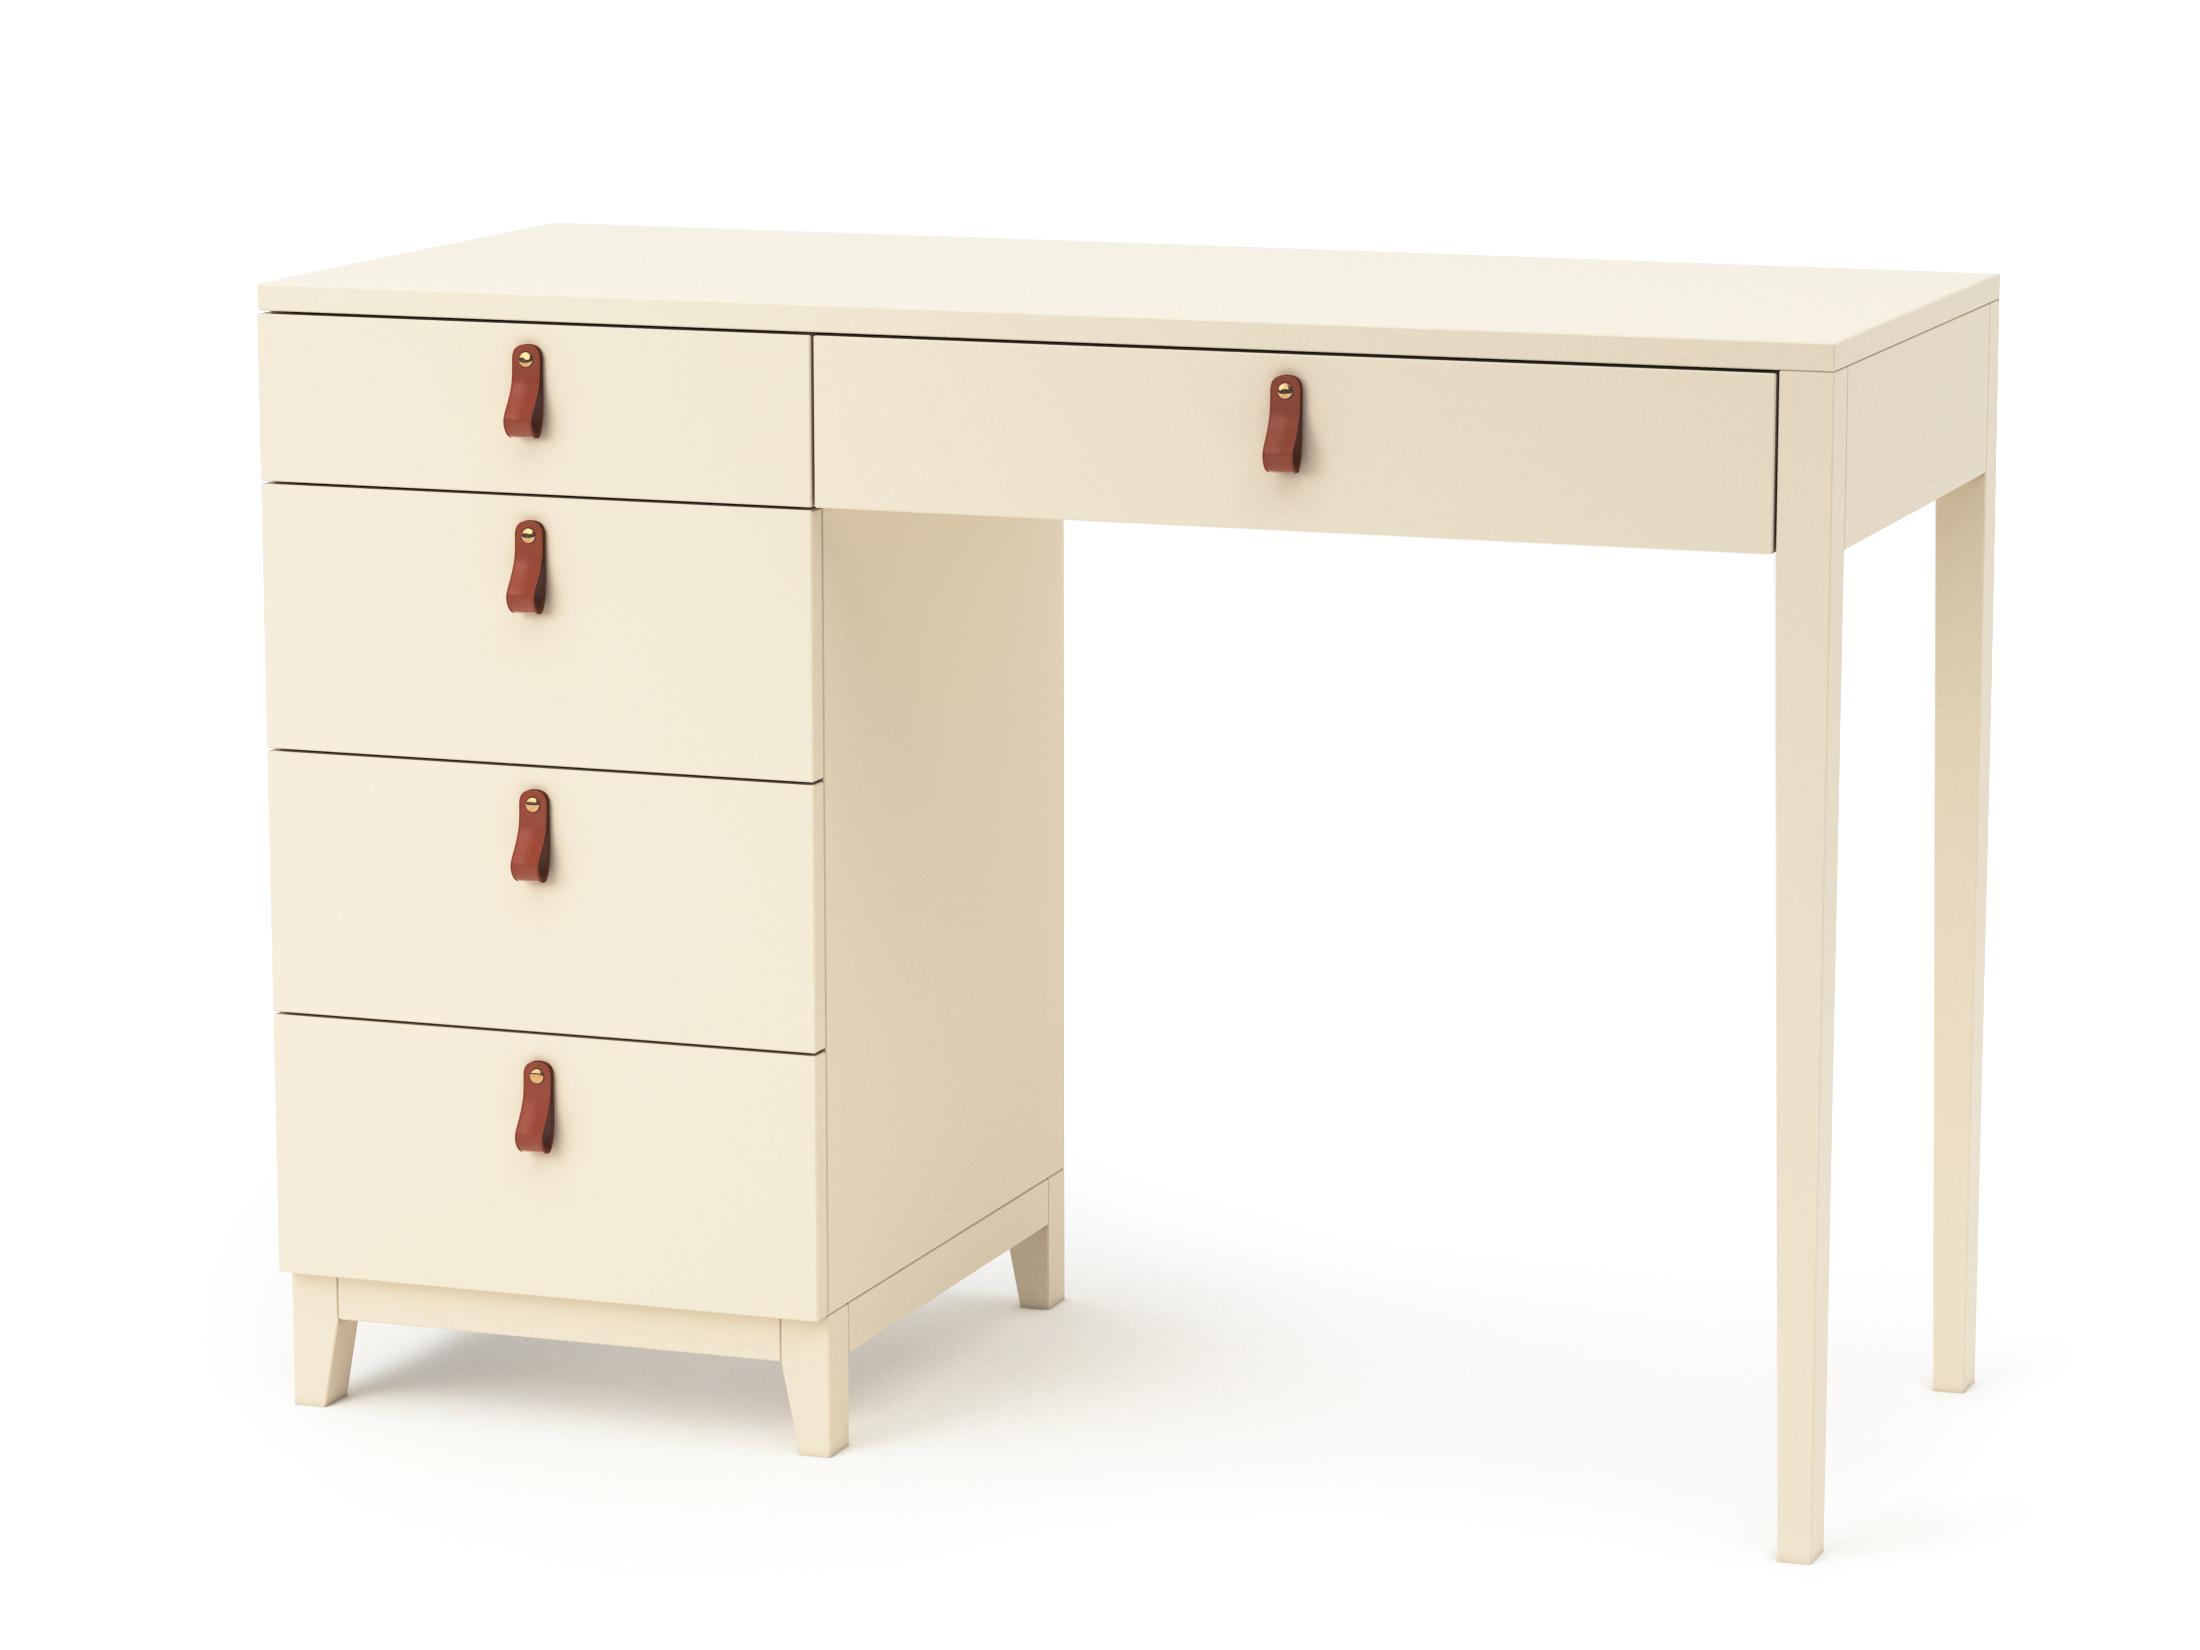 Консольный столик JAGGERПисьменные столы<br>Консольный стол&amp;amp;nbsp;Jagger &amp;amp;nbsp;обладает лаконичным дизайном с изысканными кожаными ручками и универсальными характеристиками. Стол Jagger будет органично смотреться как в компактных, так и в больших пространствах. В небольших помещениях может использоваться в качестве письменного стола. Доступен в лево- и правостороннем варианте исполнения.&amp;lt;div&amp;gt;&amp;lt;br&amp;gt;&amp;lt;/div&amp;gt;&amp;lt;div&amp;gt;Материал:&amp;amp;nbsp;Массив дуба, МДФ, эмаль, лак&amp;lt;br&amp;gt;&amp;lt;/div&amp;gt;<br><br>Material: Дерево<br>Width см: 100<br>Depth см: 50<br>Height см: 75